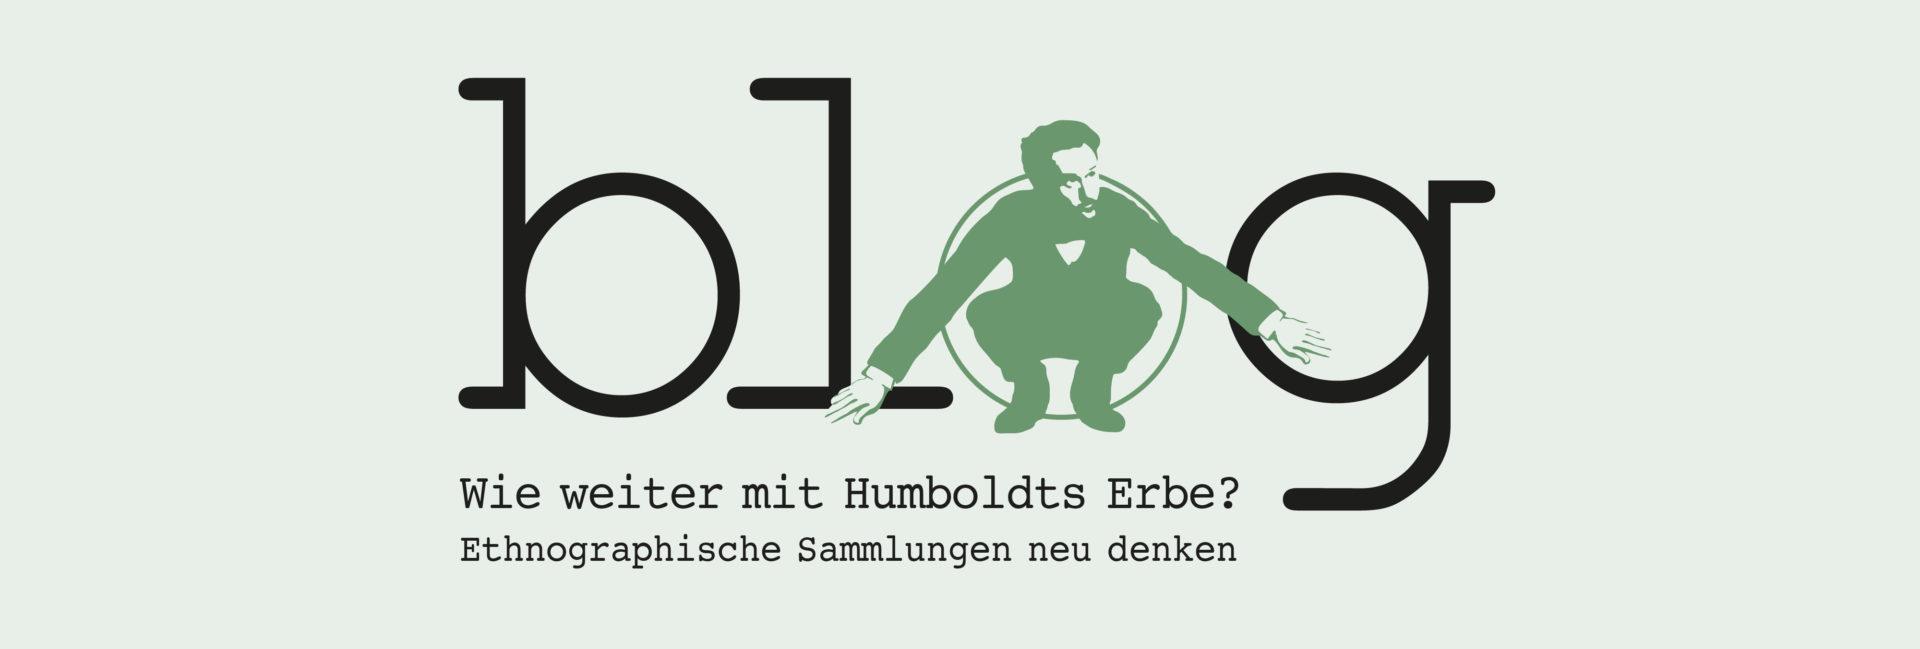 Wie weiter mit Humboldts Erbe?